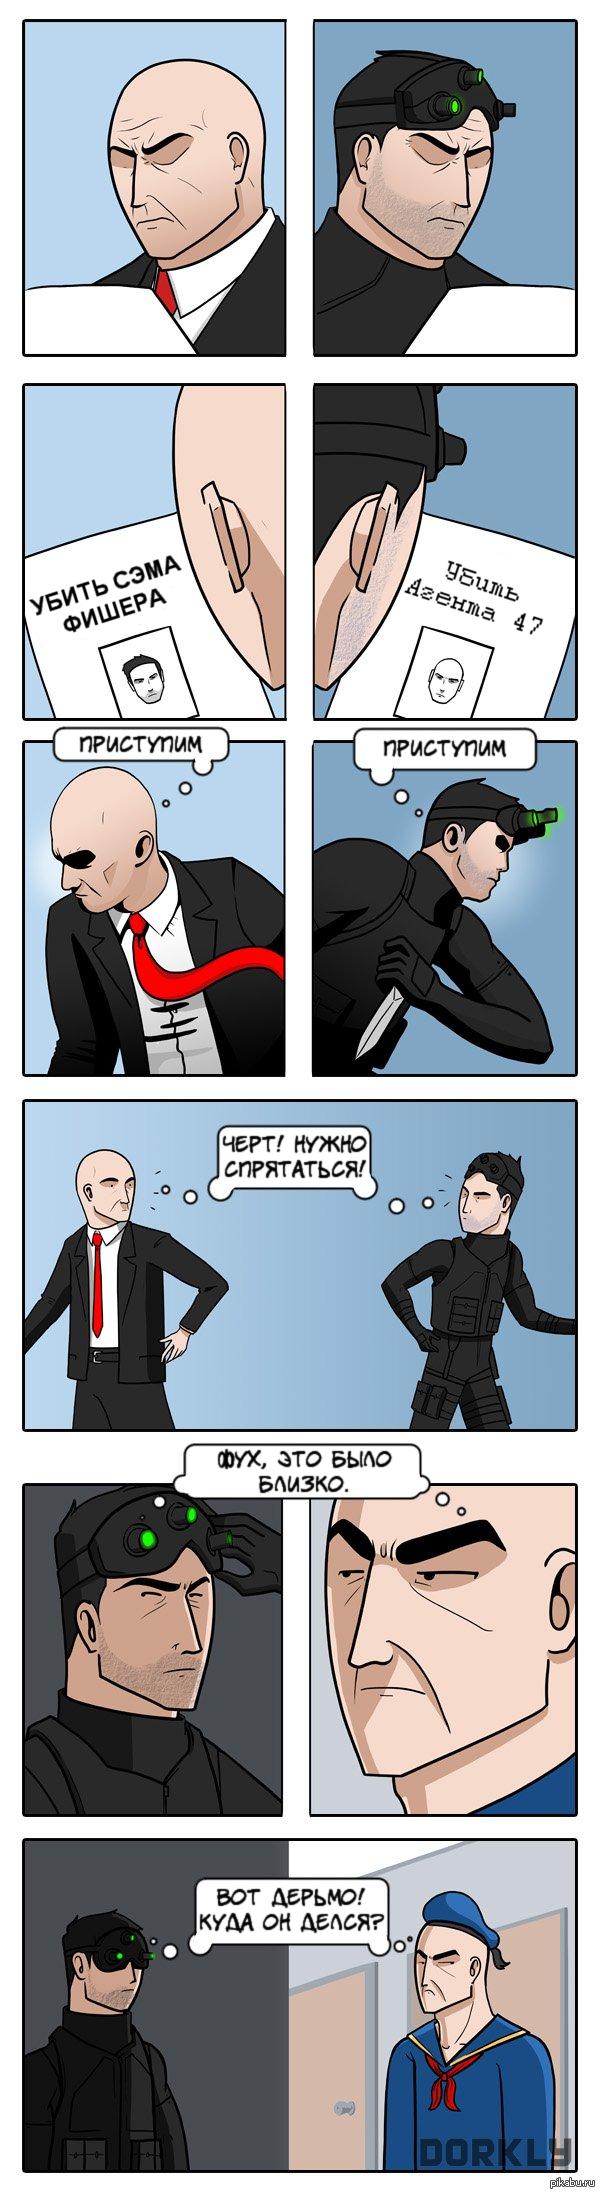 Агенты,они такие агенты :D - Изображение 1